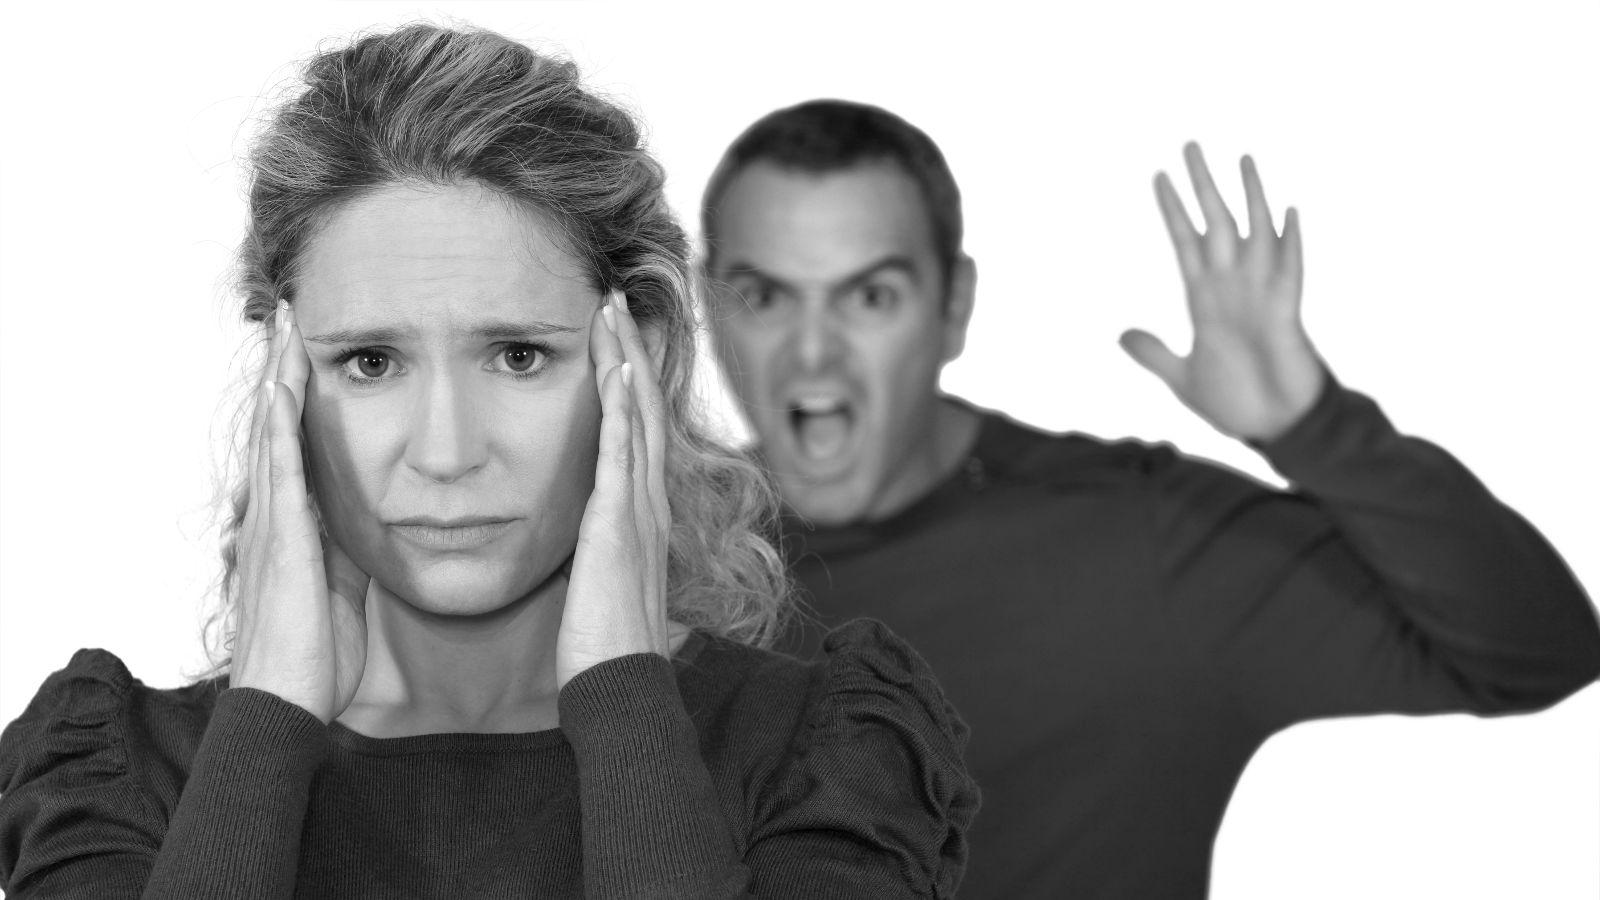 verbale Gewalt - Wutausbrüche die einschüchtern und Angst